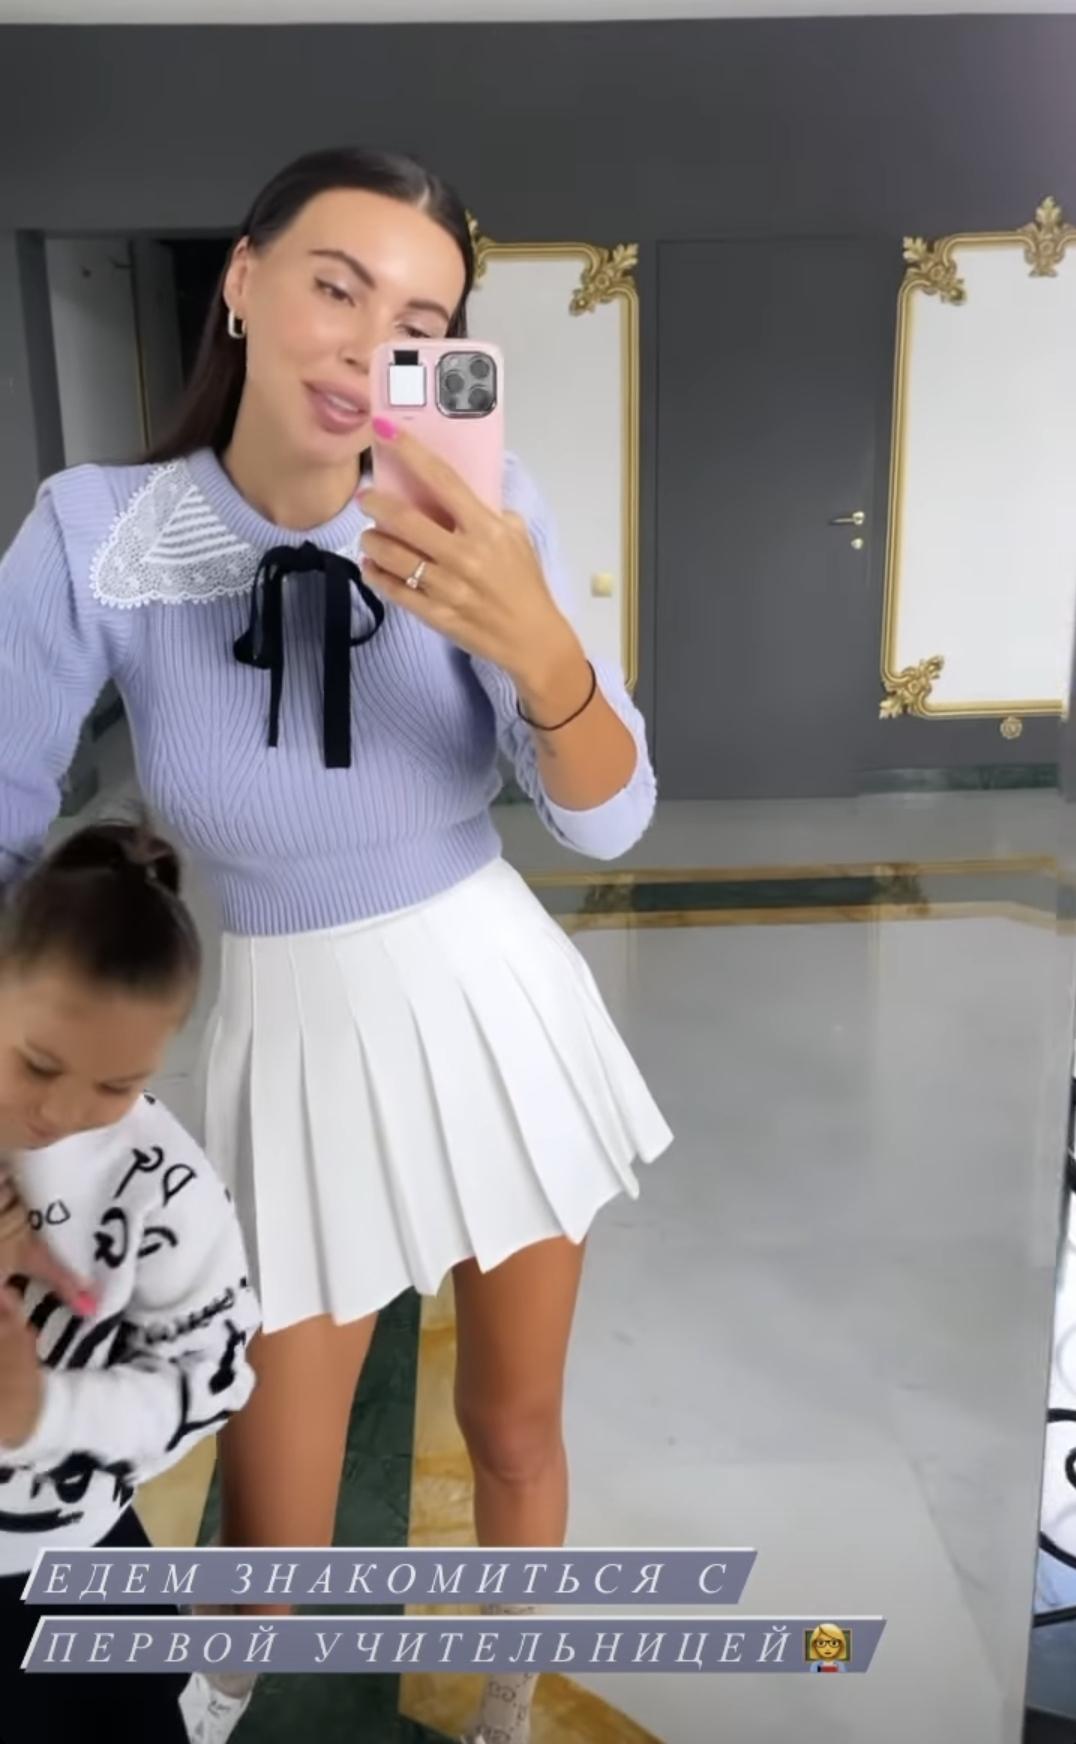 Собираясь на встречу с первым учителем дочери, Оксана Самойлова засветила трусики